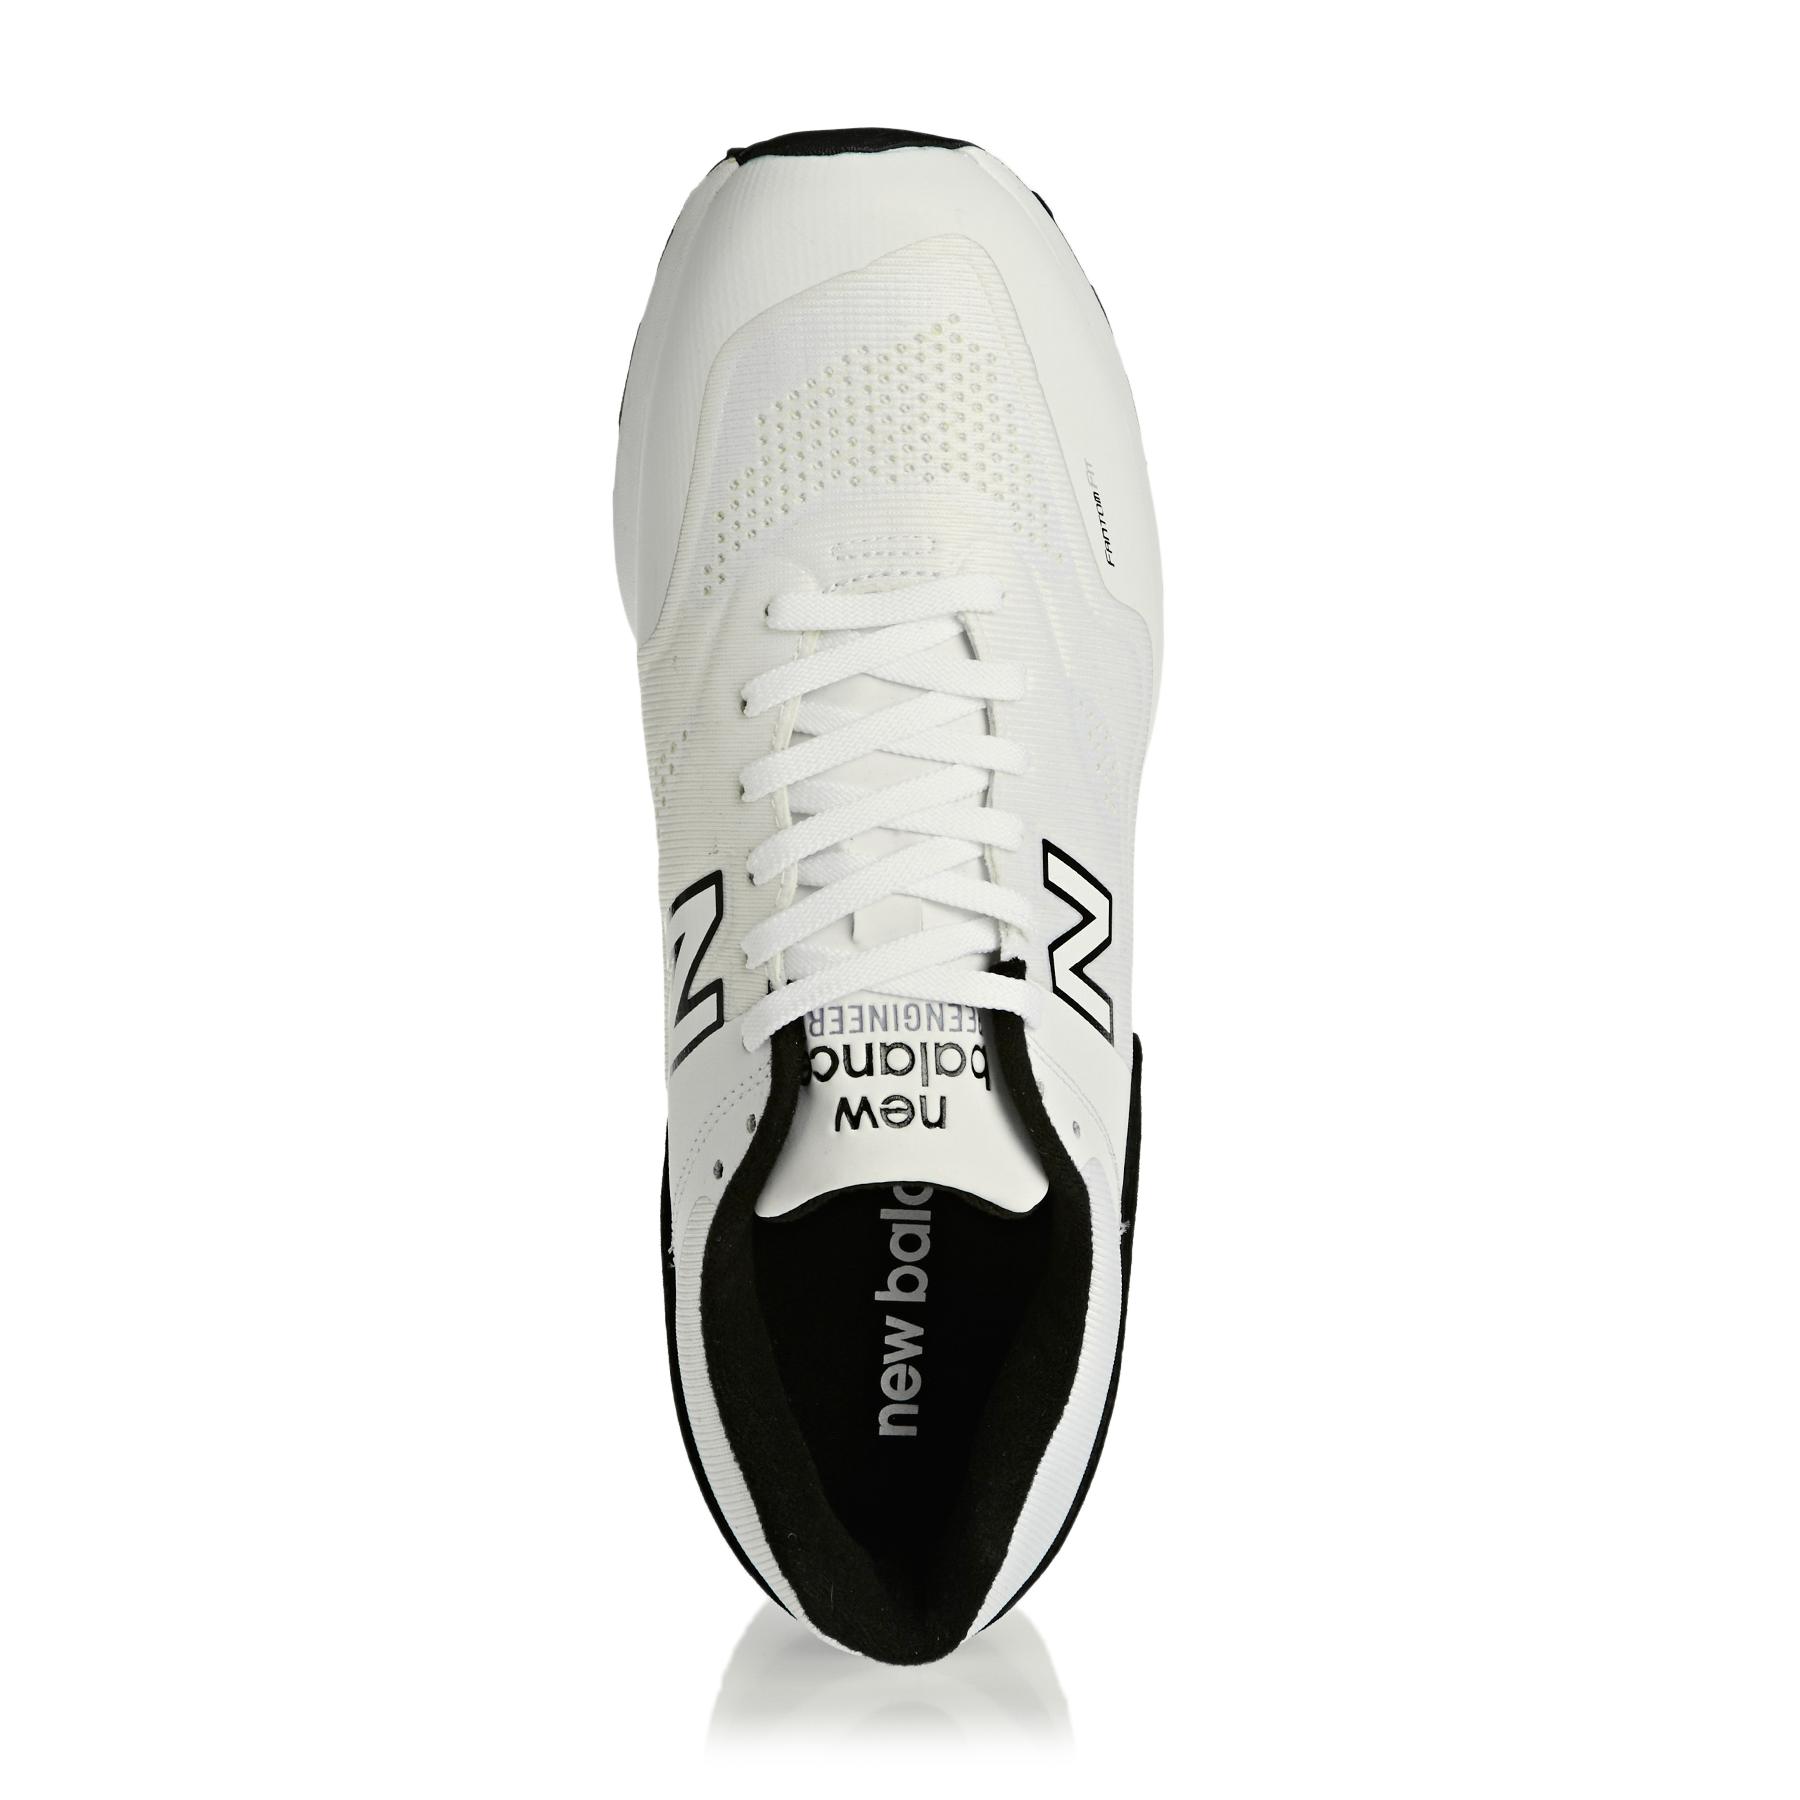 Chaussures New Balance M1500 | Livraison gratuite dès 30€ d&